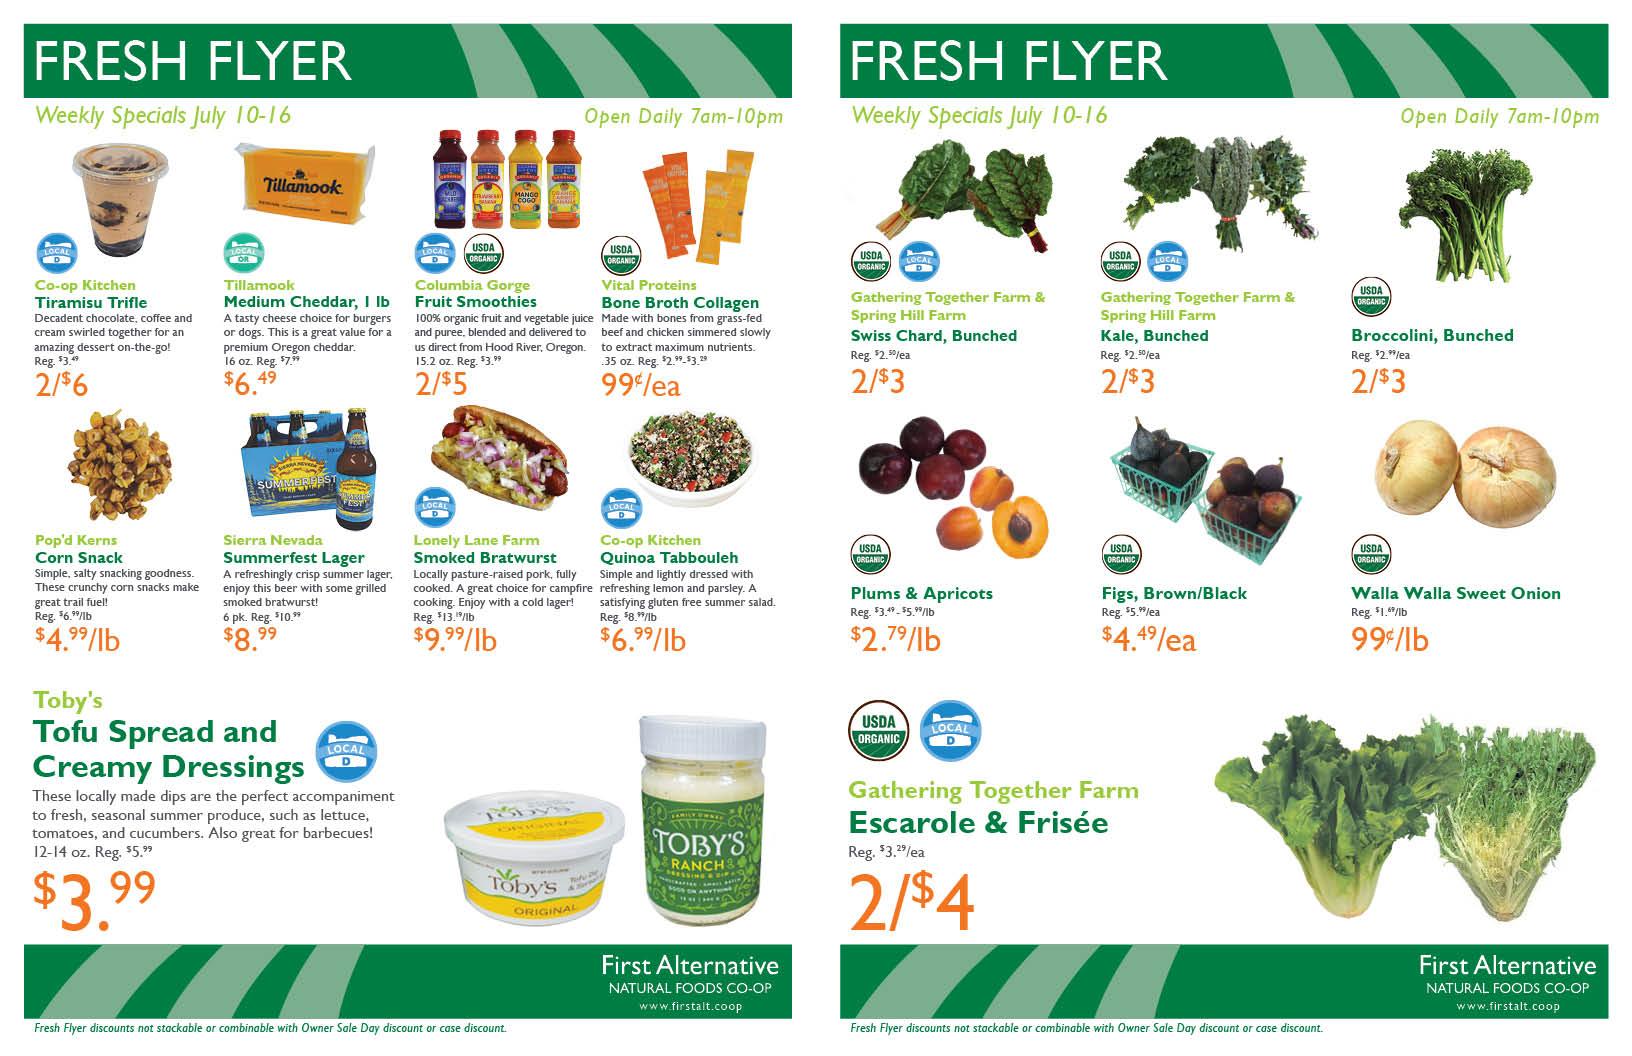 First Alternative Co-op Fresh Flyer July 10-16